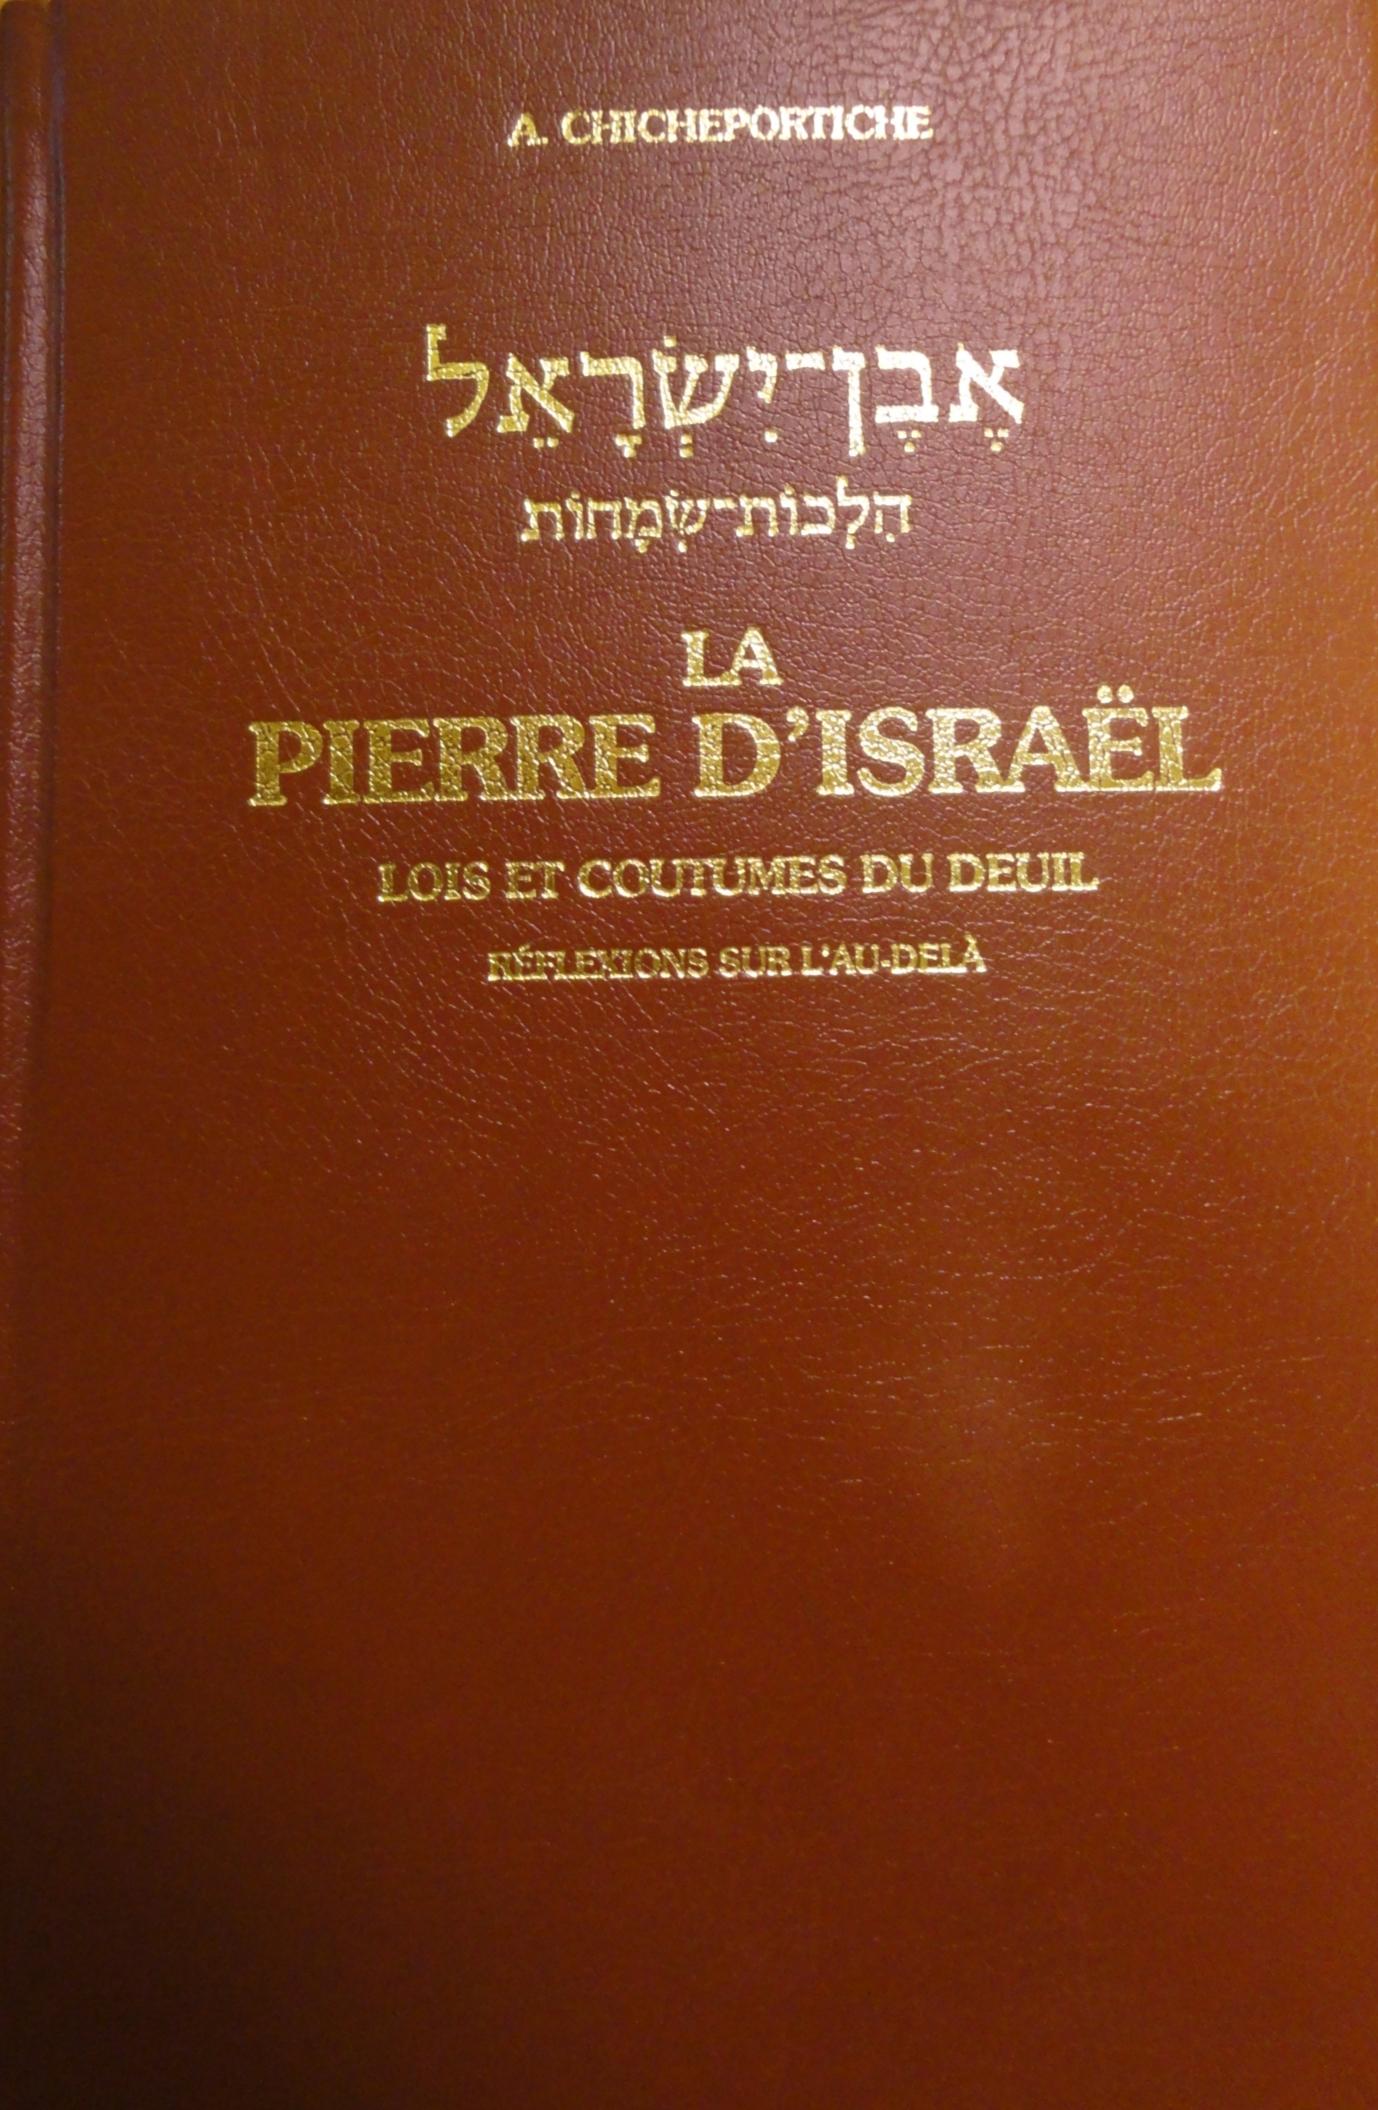 La pierre d\'Israel - Lois et coutumes du deuil